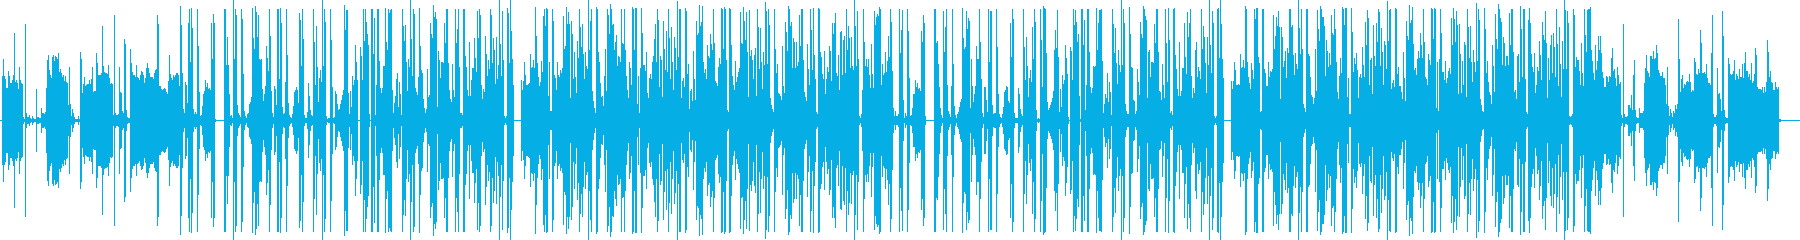 エレクトロなChill HipHopの再生済みの波形